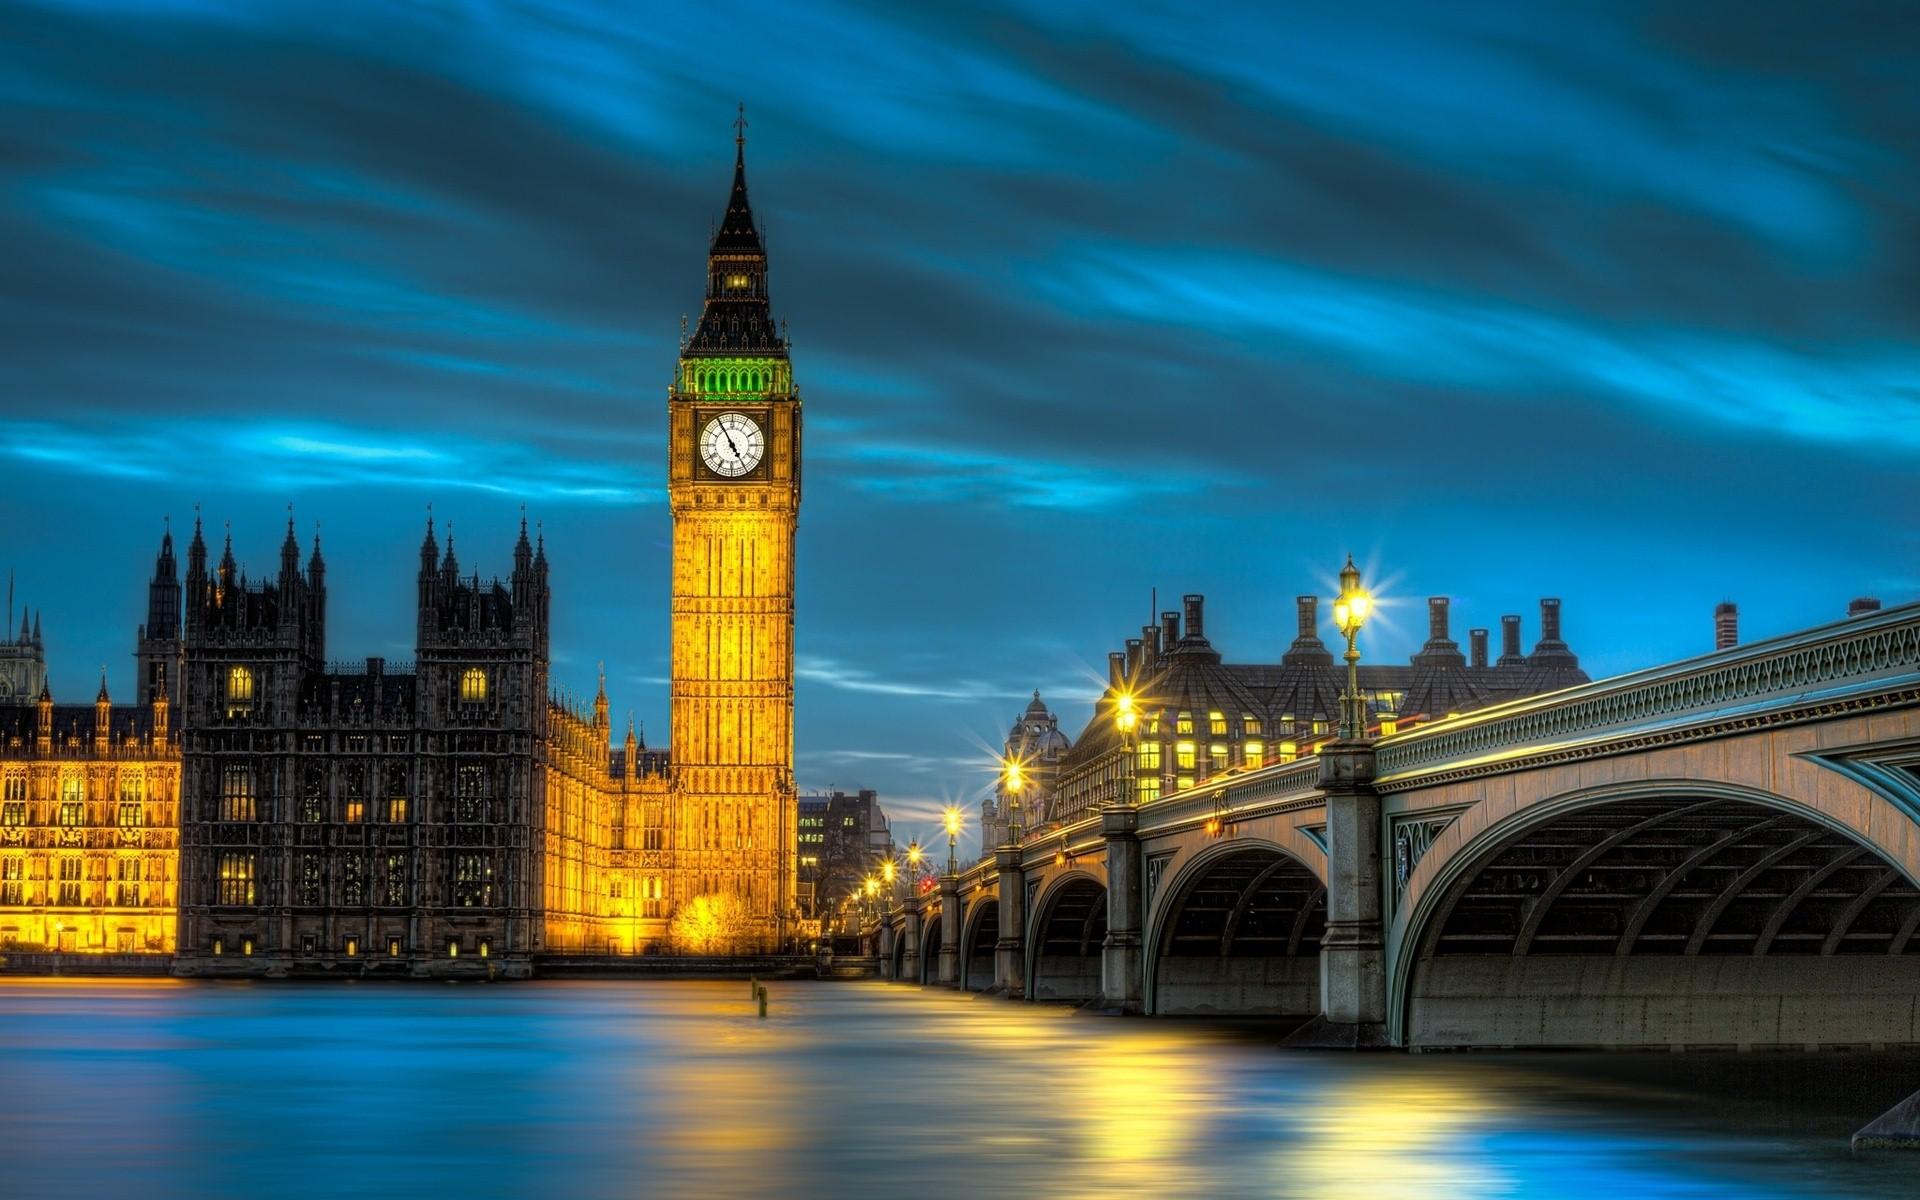 معلومات قد لا تعرفها عن ساعة لندن الشهيرة مجلتك